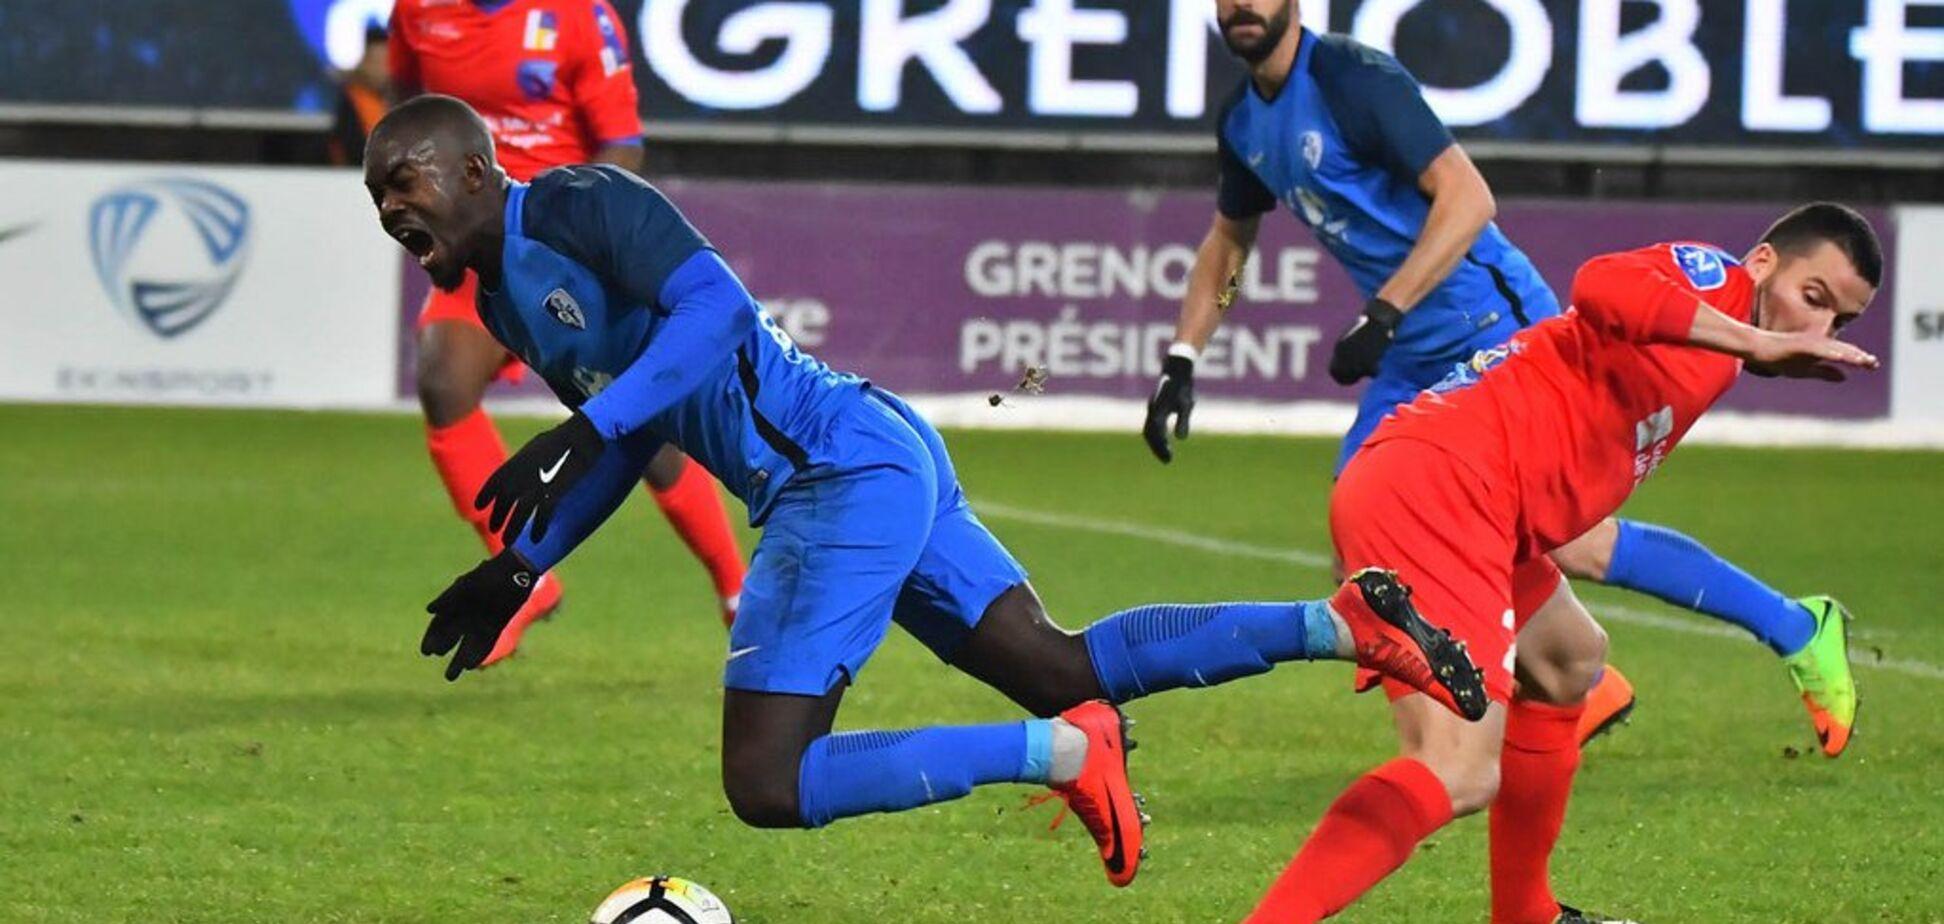 Містика сезону: футболісти французького клубу не забили шість пенальті поспіль